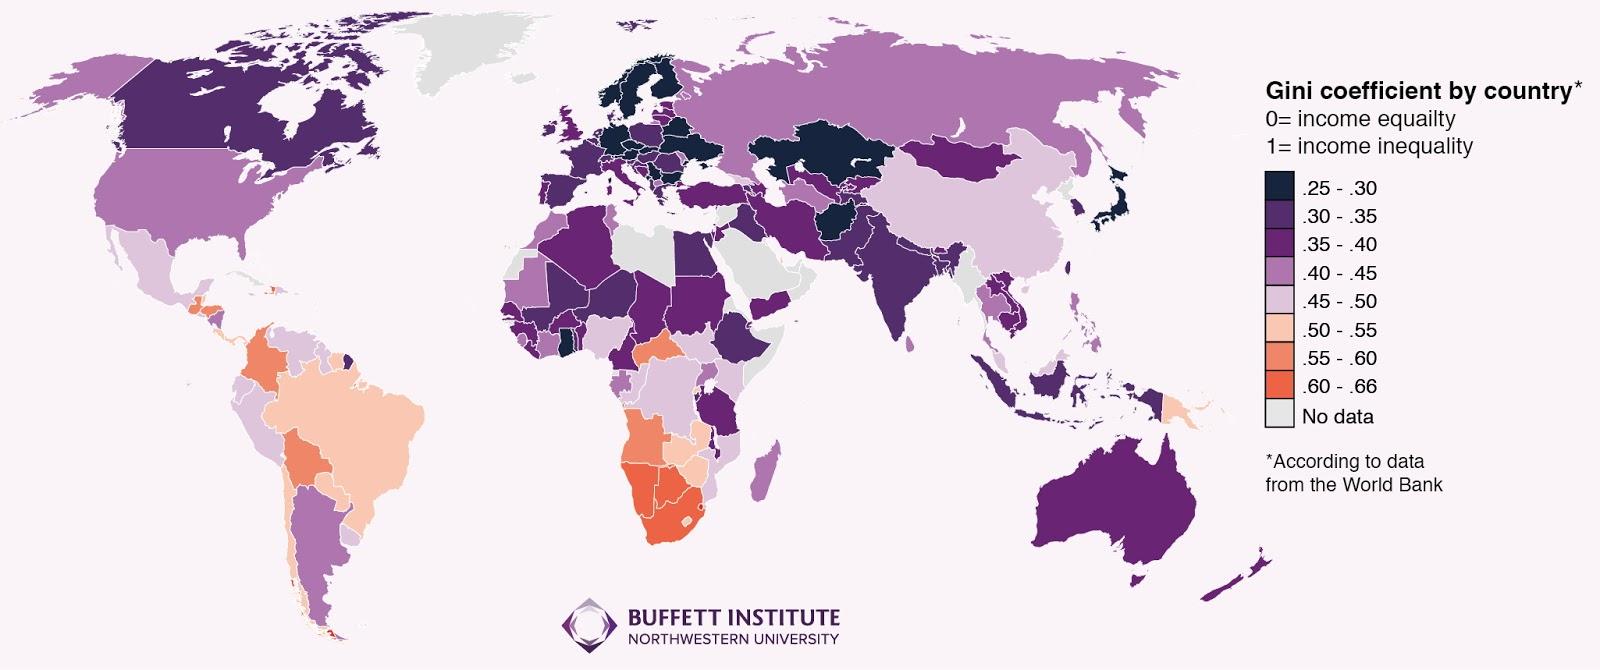 disuguaglianza, mappa con diversi colori